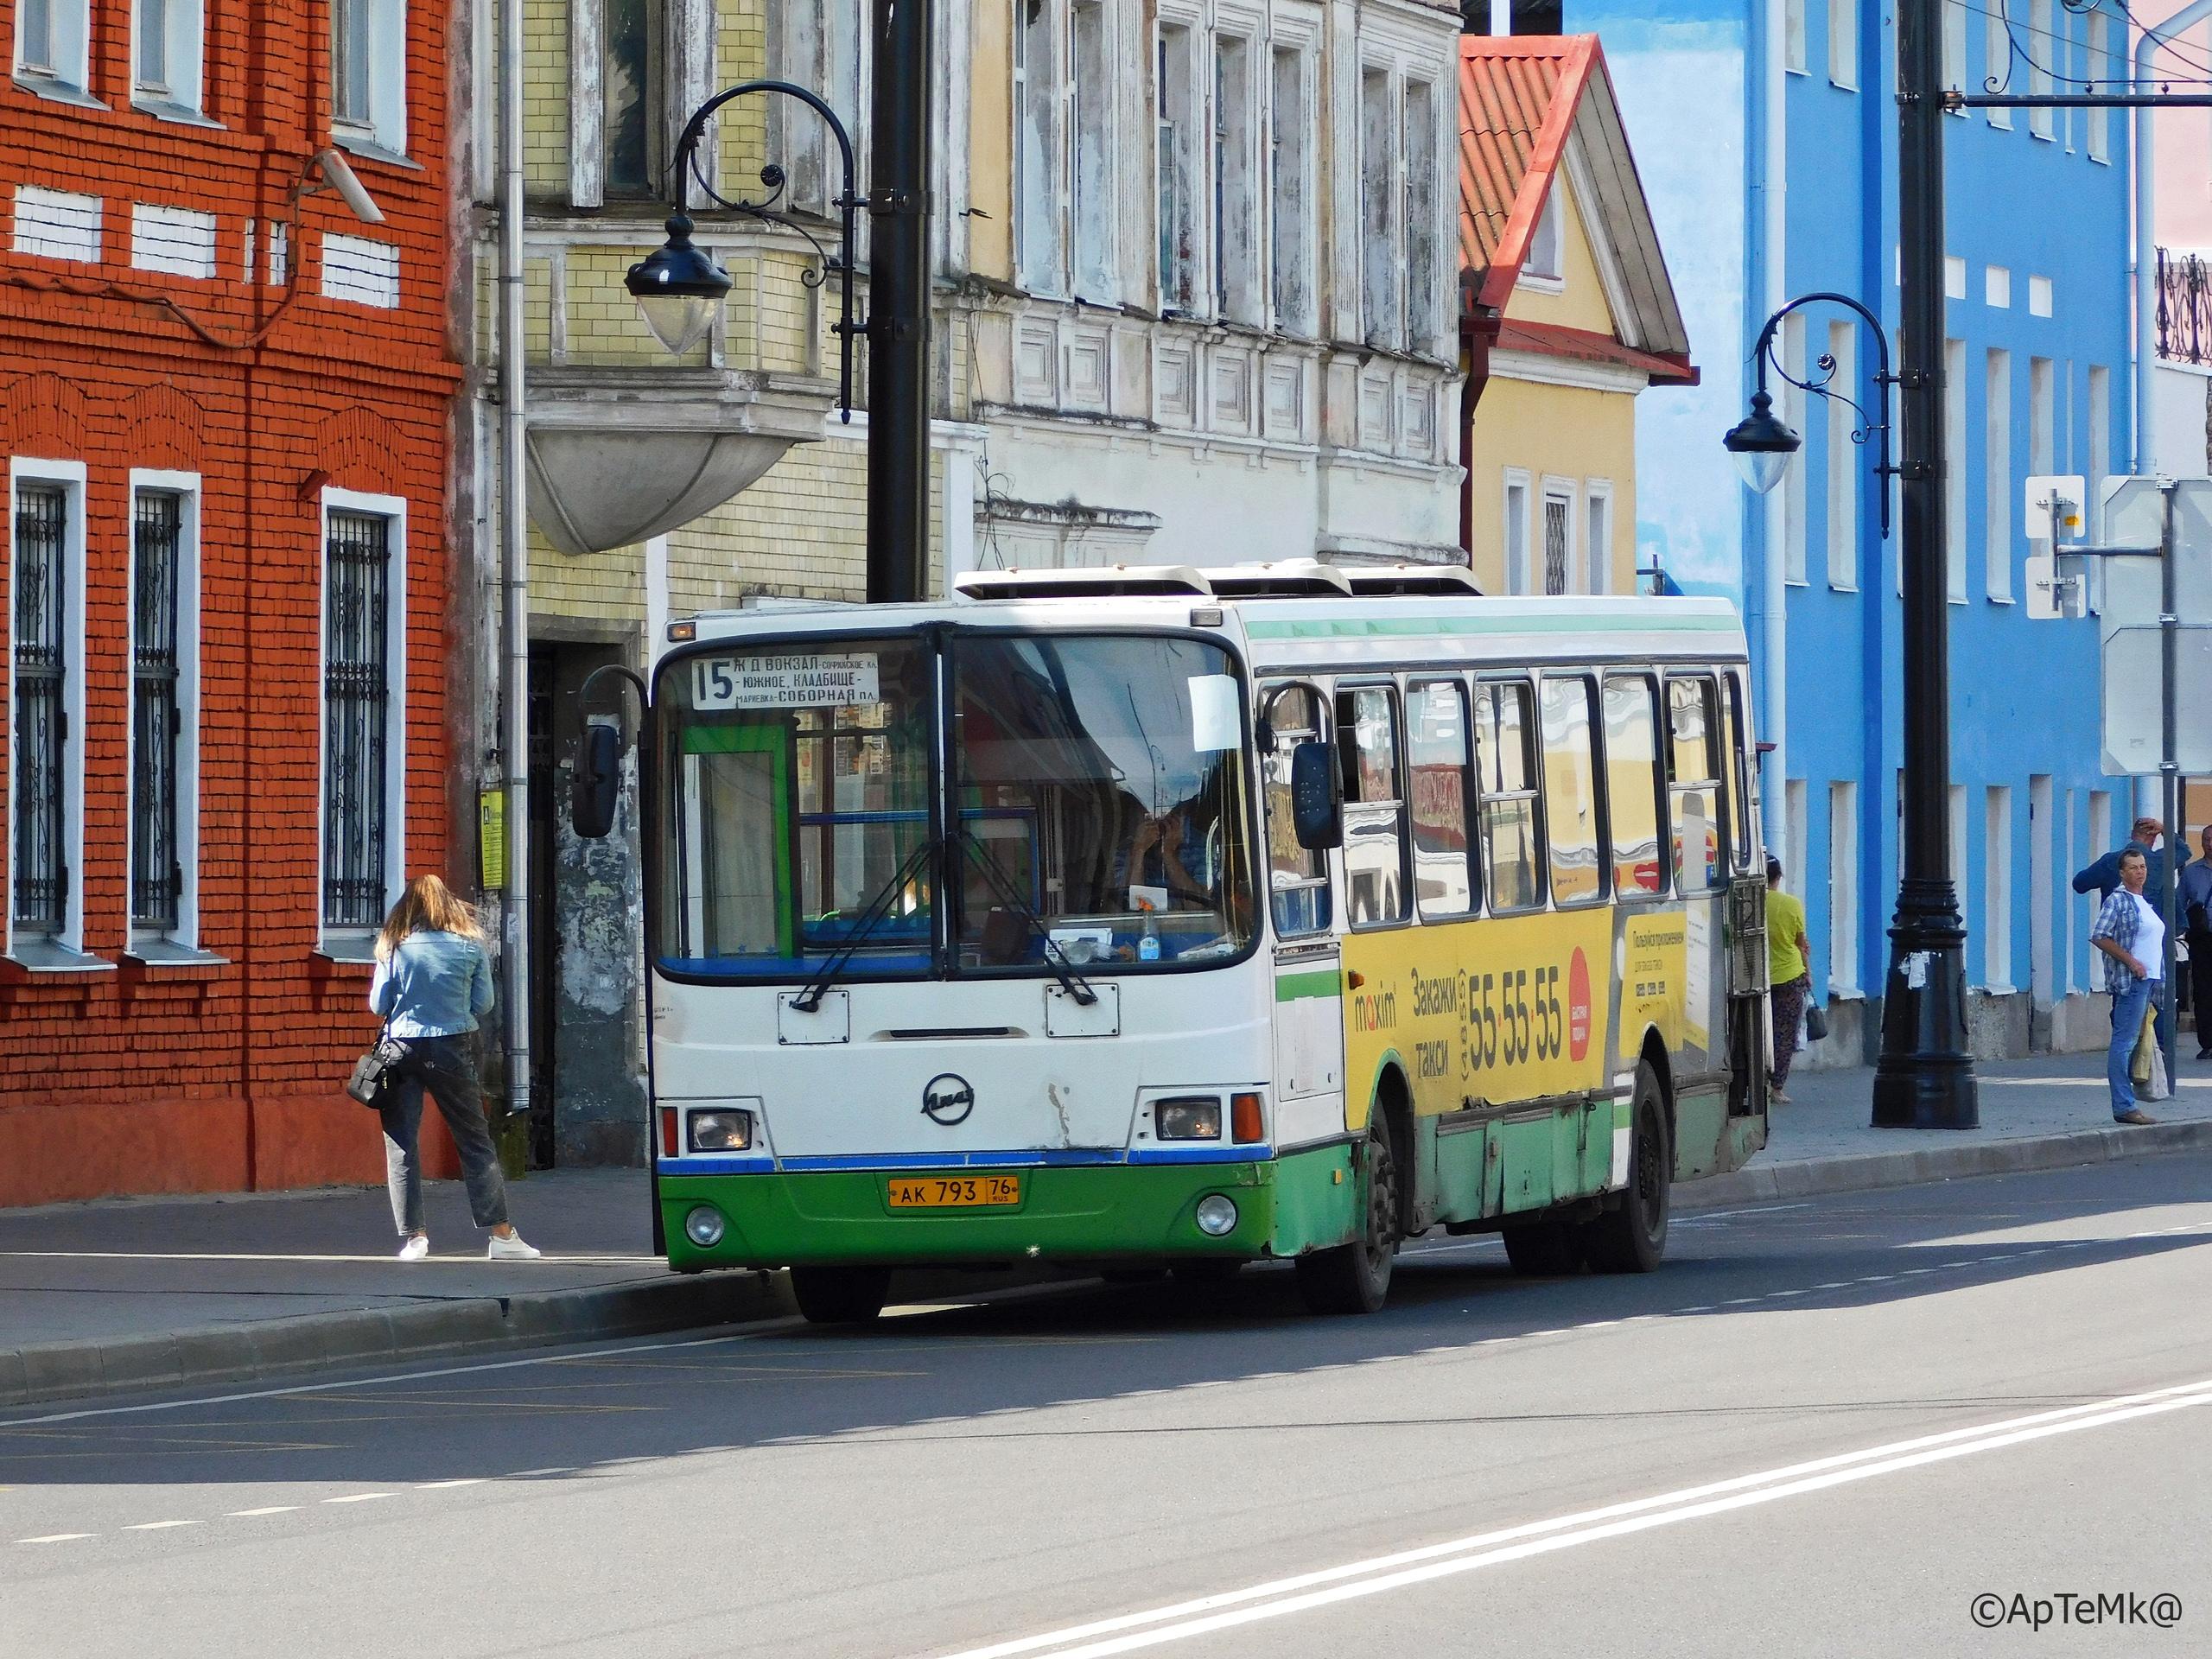 Автобус №15. Остановка: Соборная площадь (посадка)